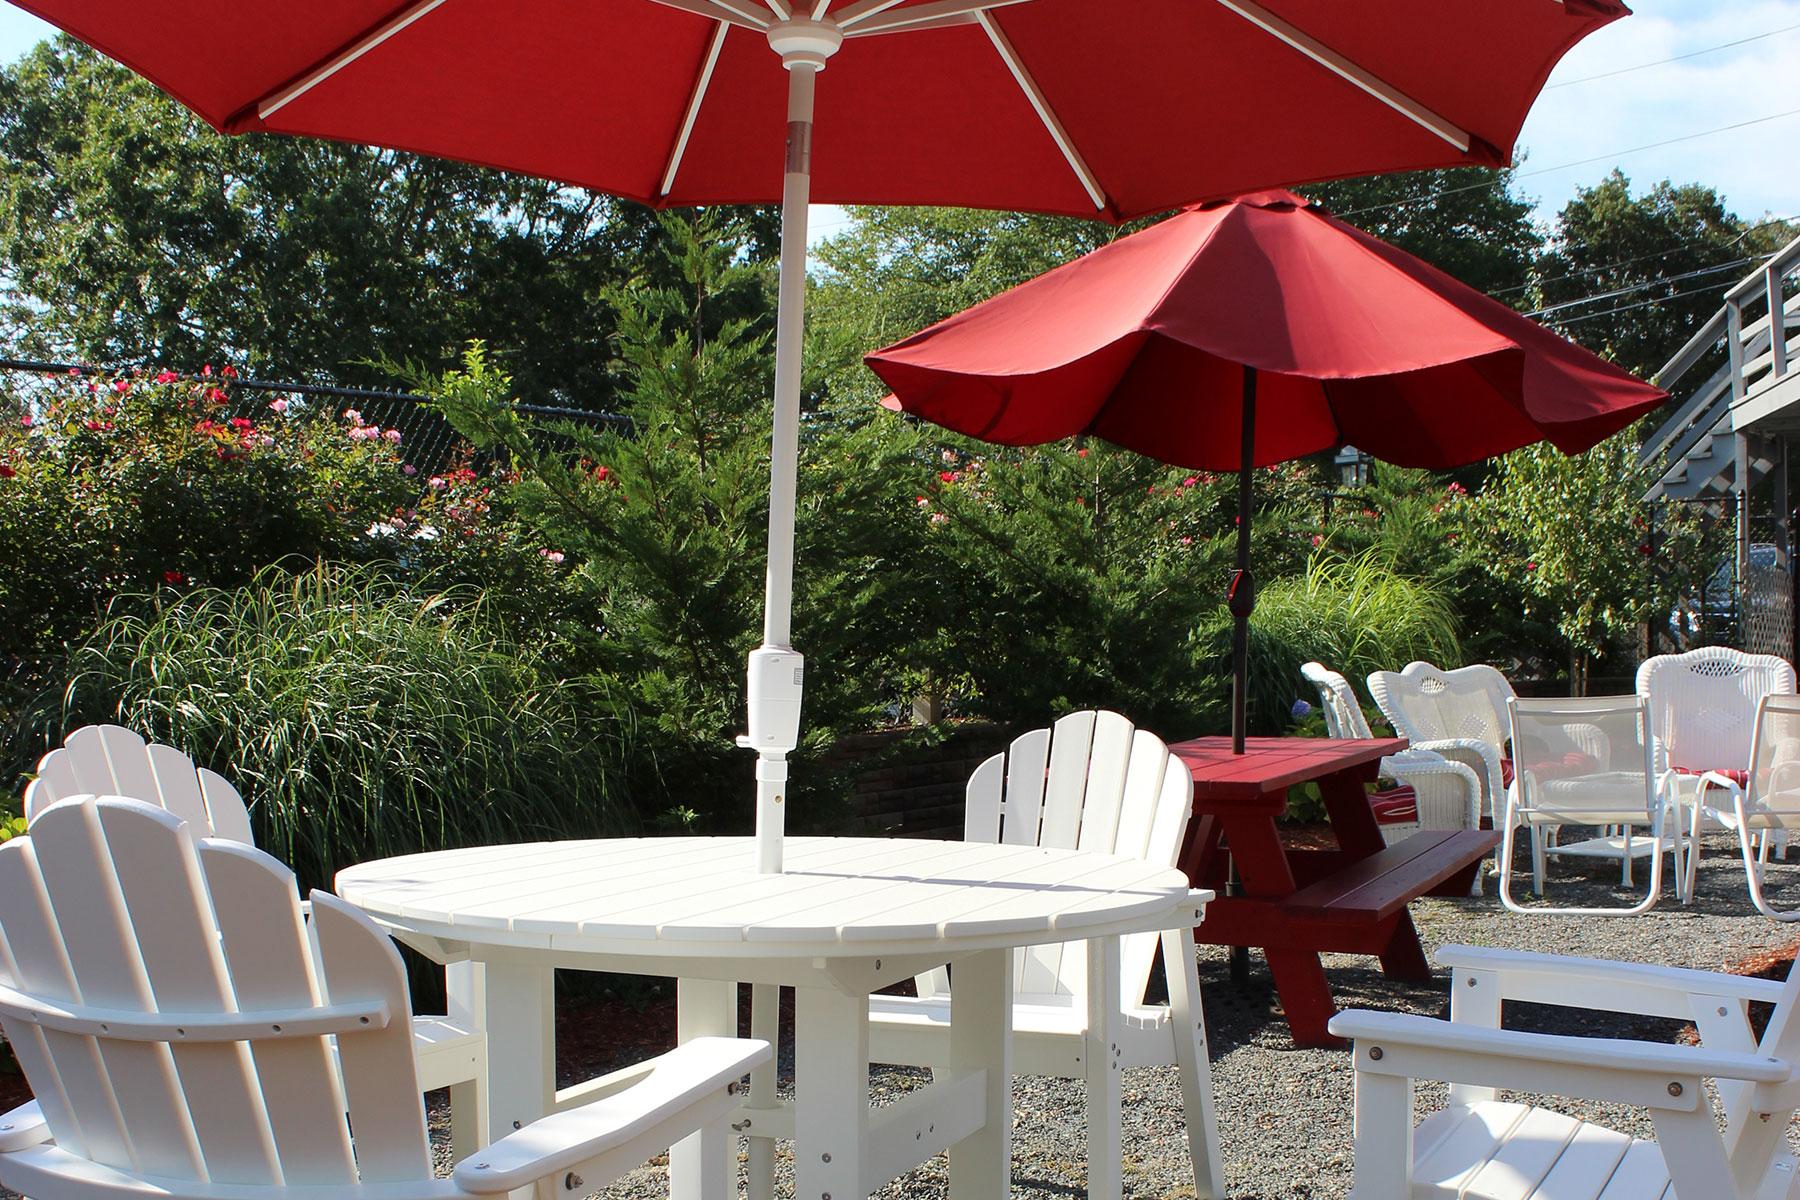 Cape Cod Hotel patio